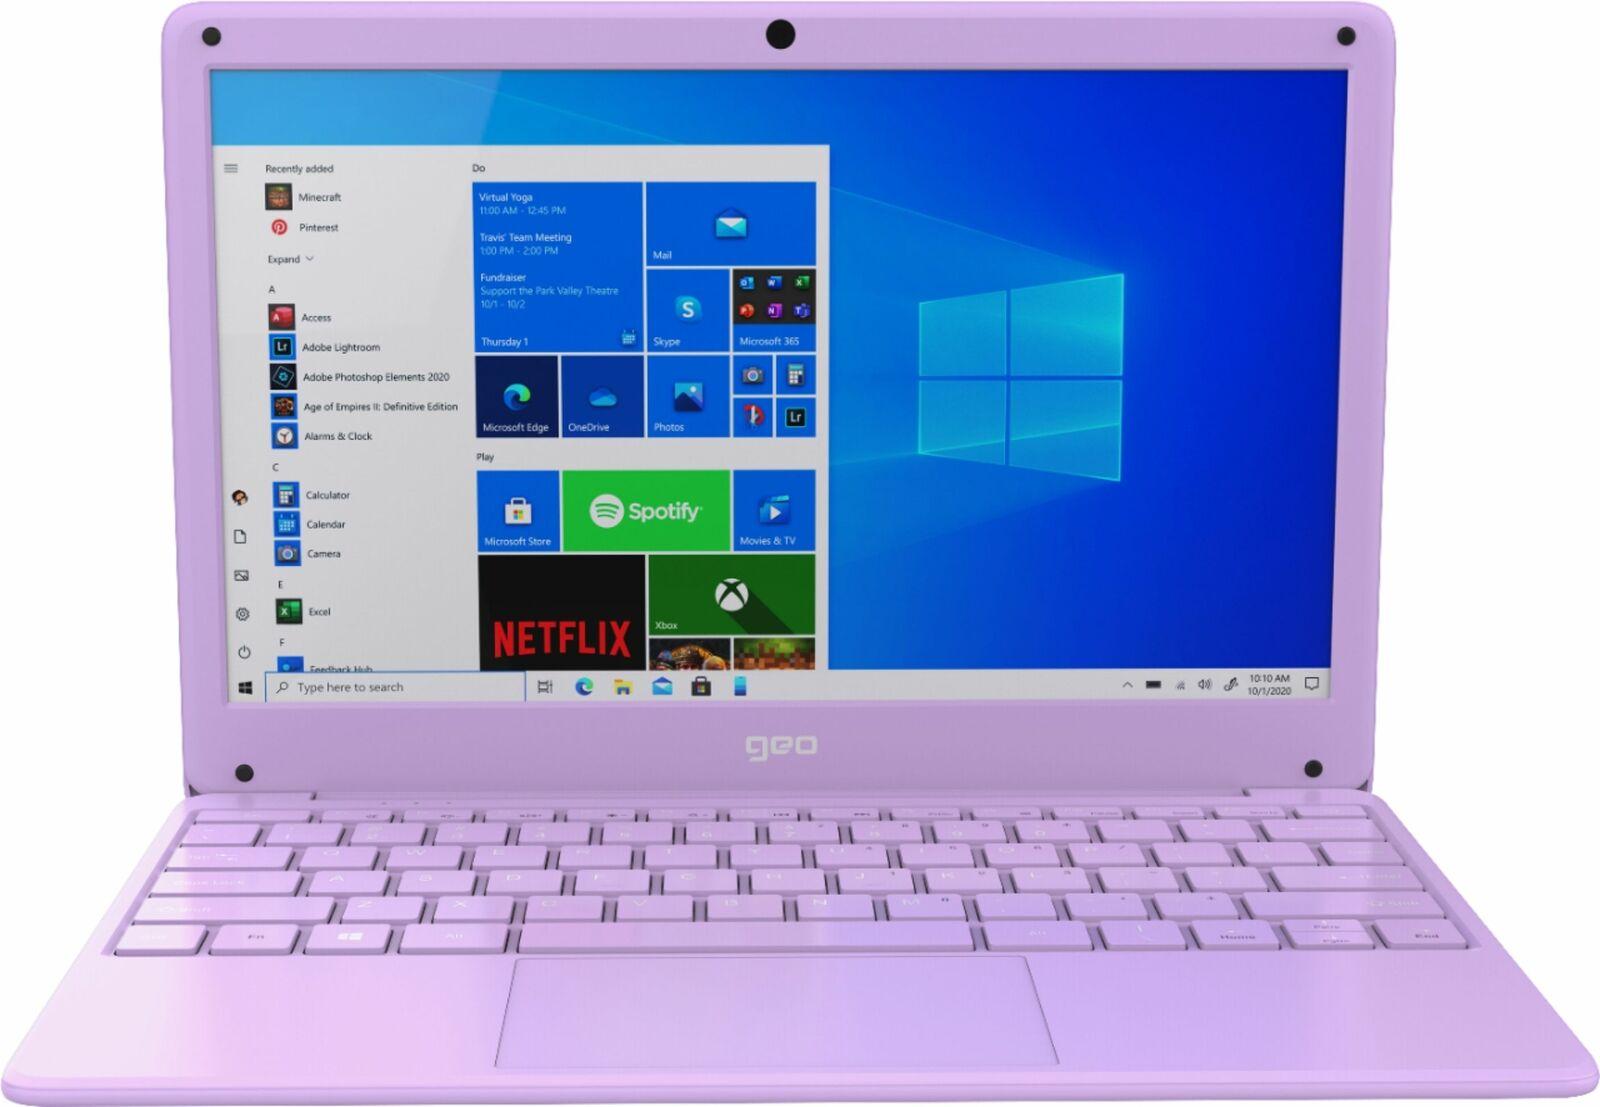 Geo - GeoBook 120 12.5-inch HD Laptop - Intel Celeron Dual Core Processor - 4...